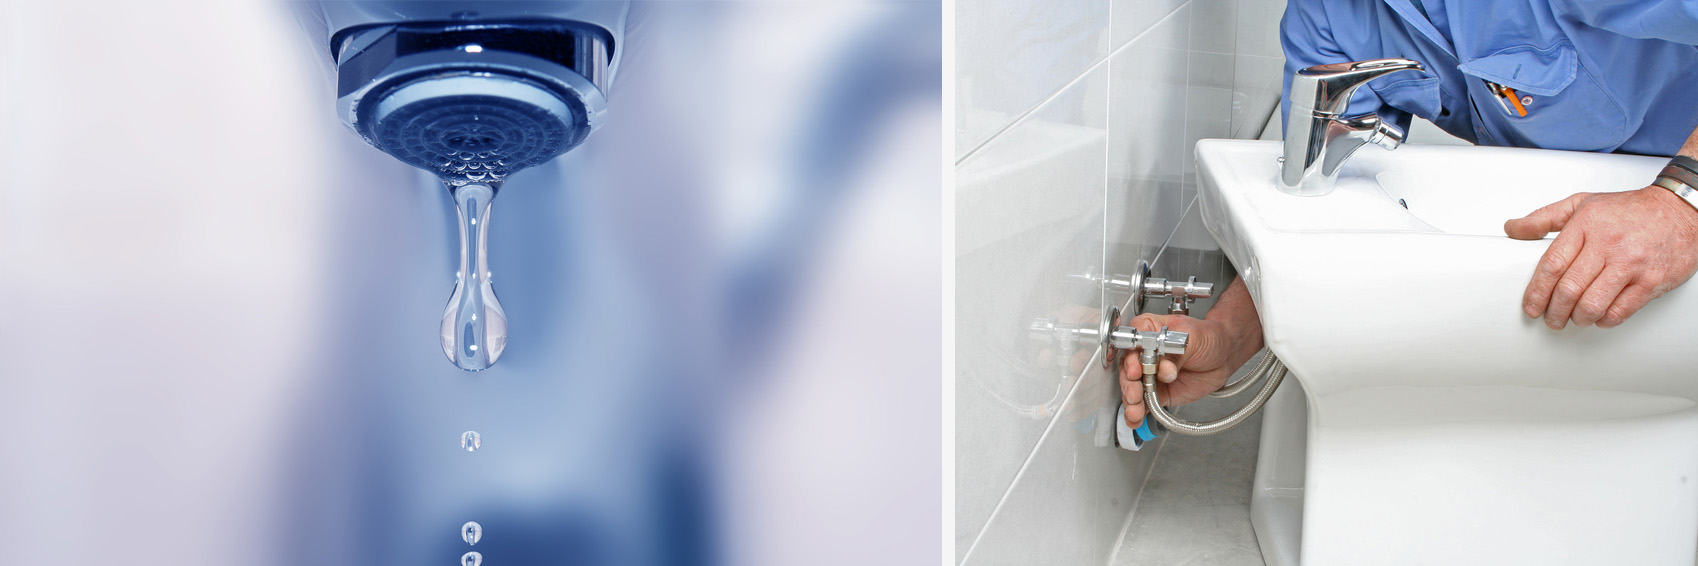 Travaux plomberie et sanitaire, dépannage et installation